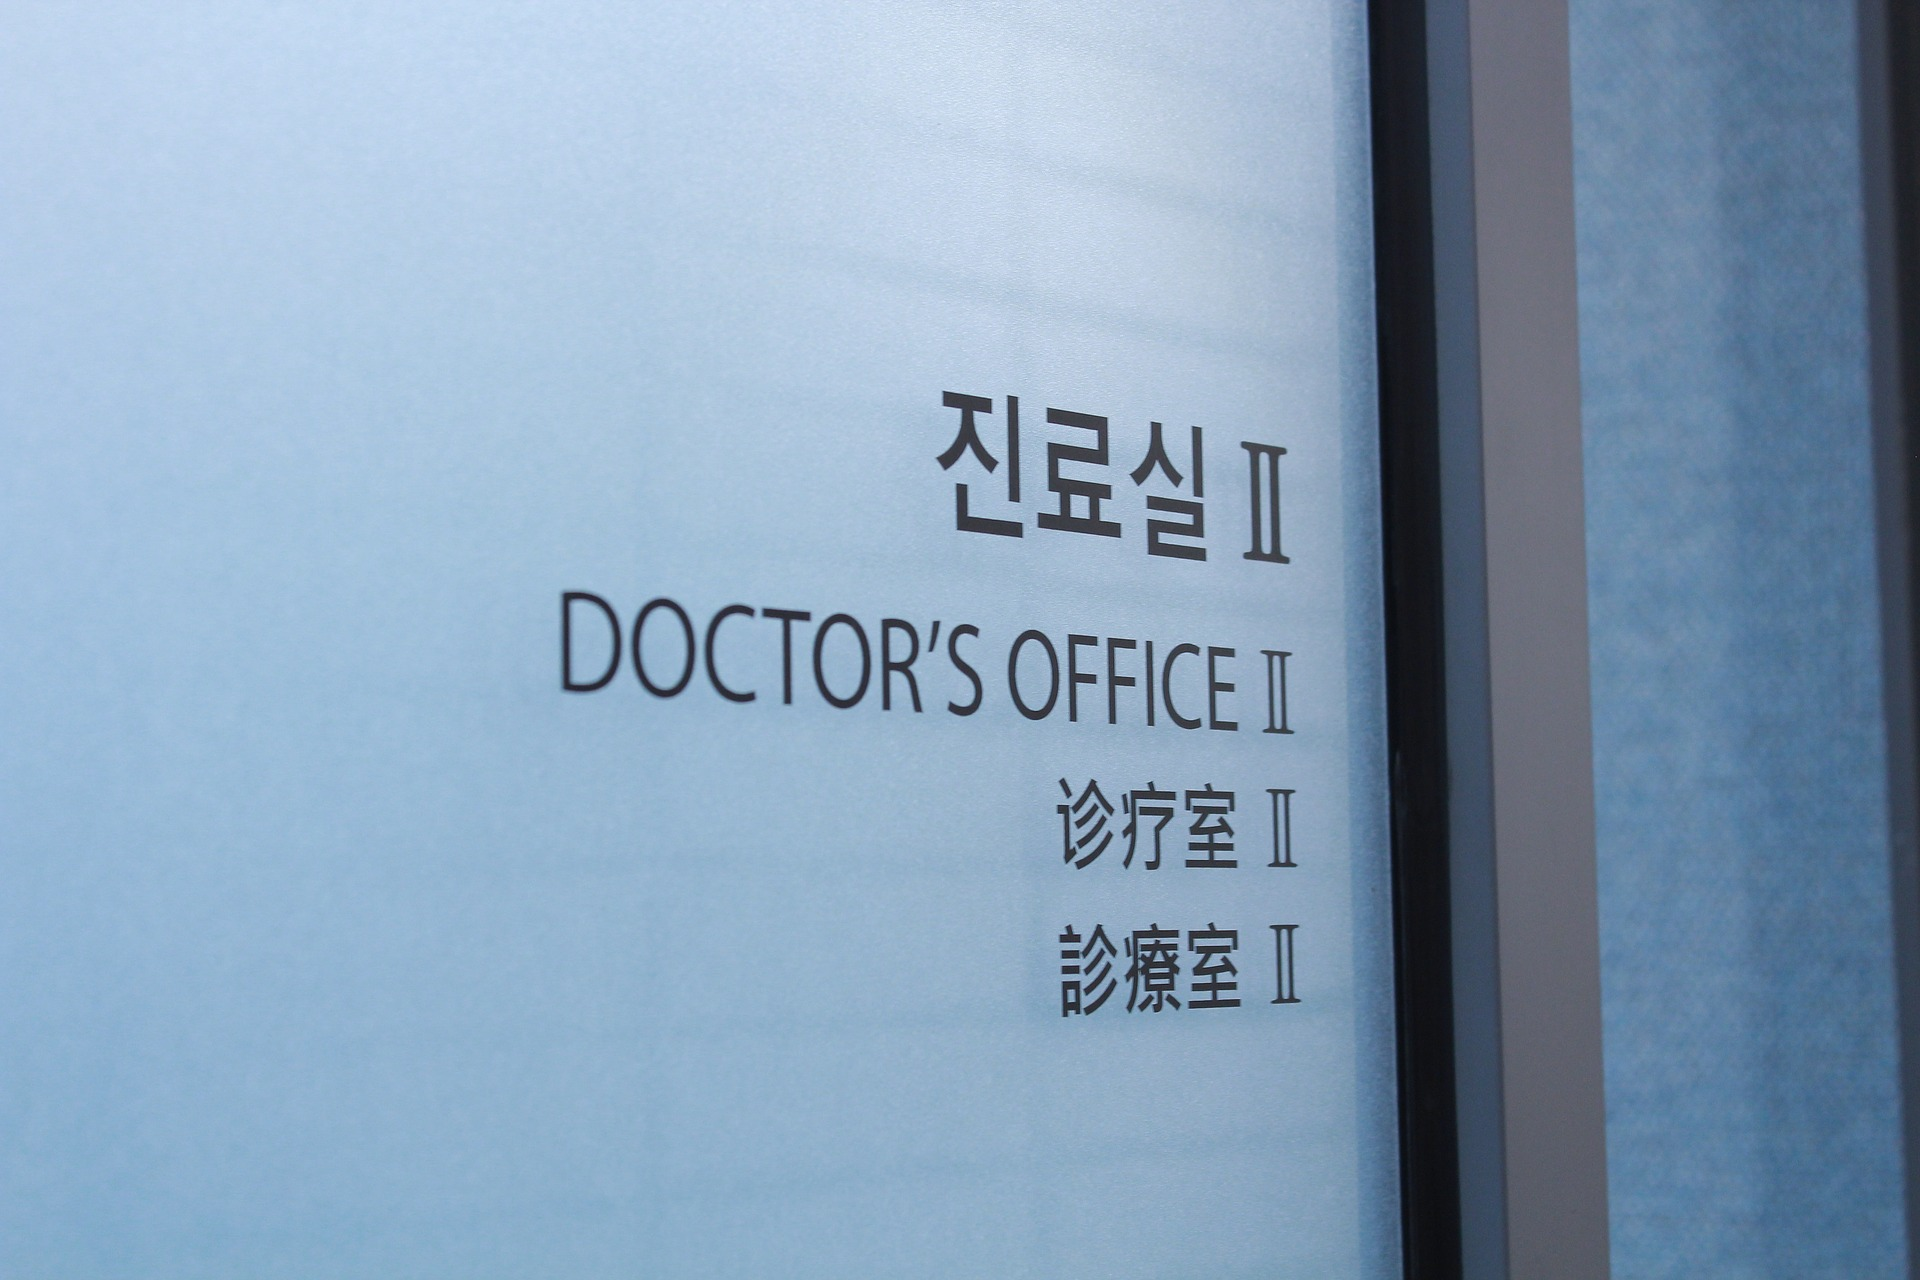 buitenland medische zorg